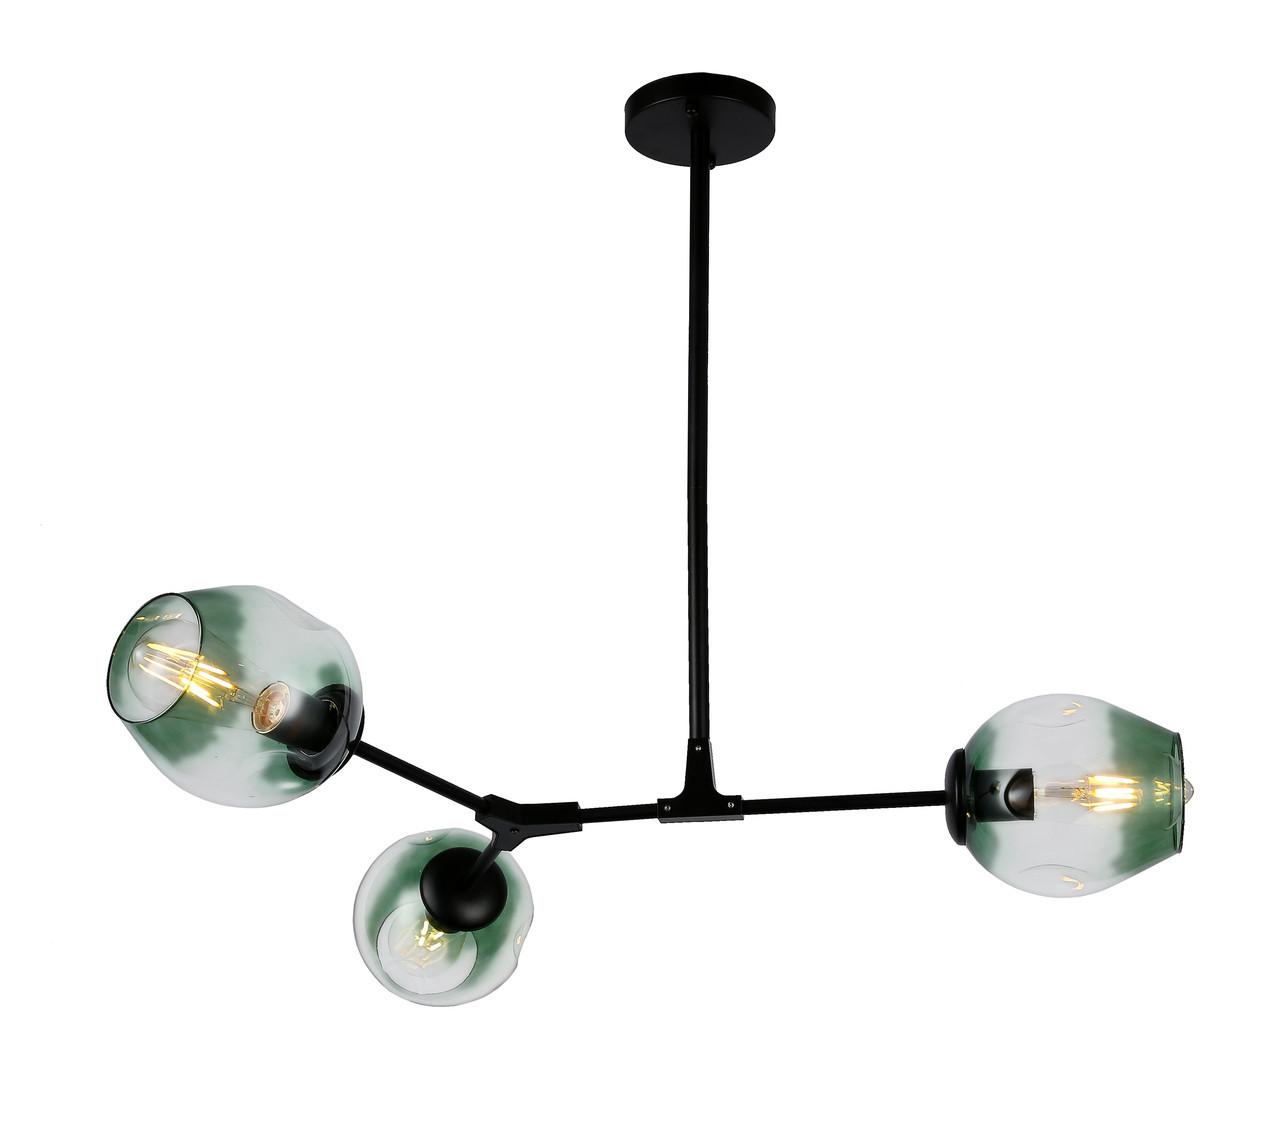 Люстра подвесная на три плафона на черном основании Bubble в стиле loft LV 752L7731-3 BK+GR